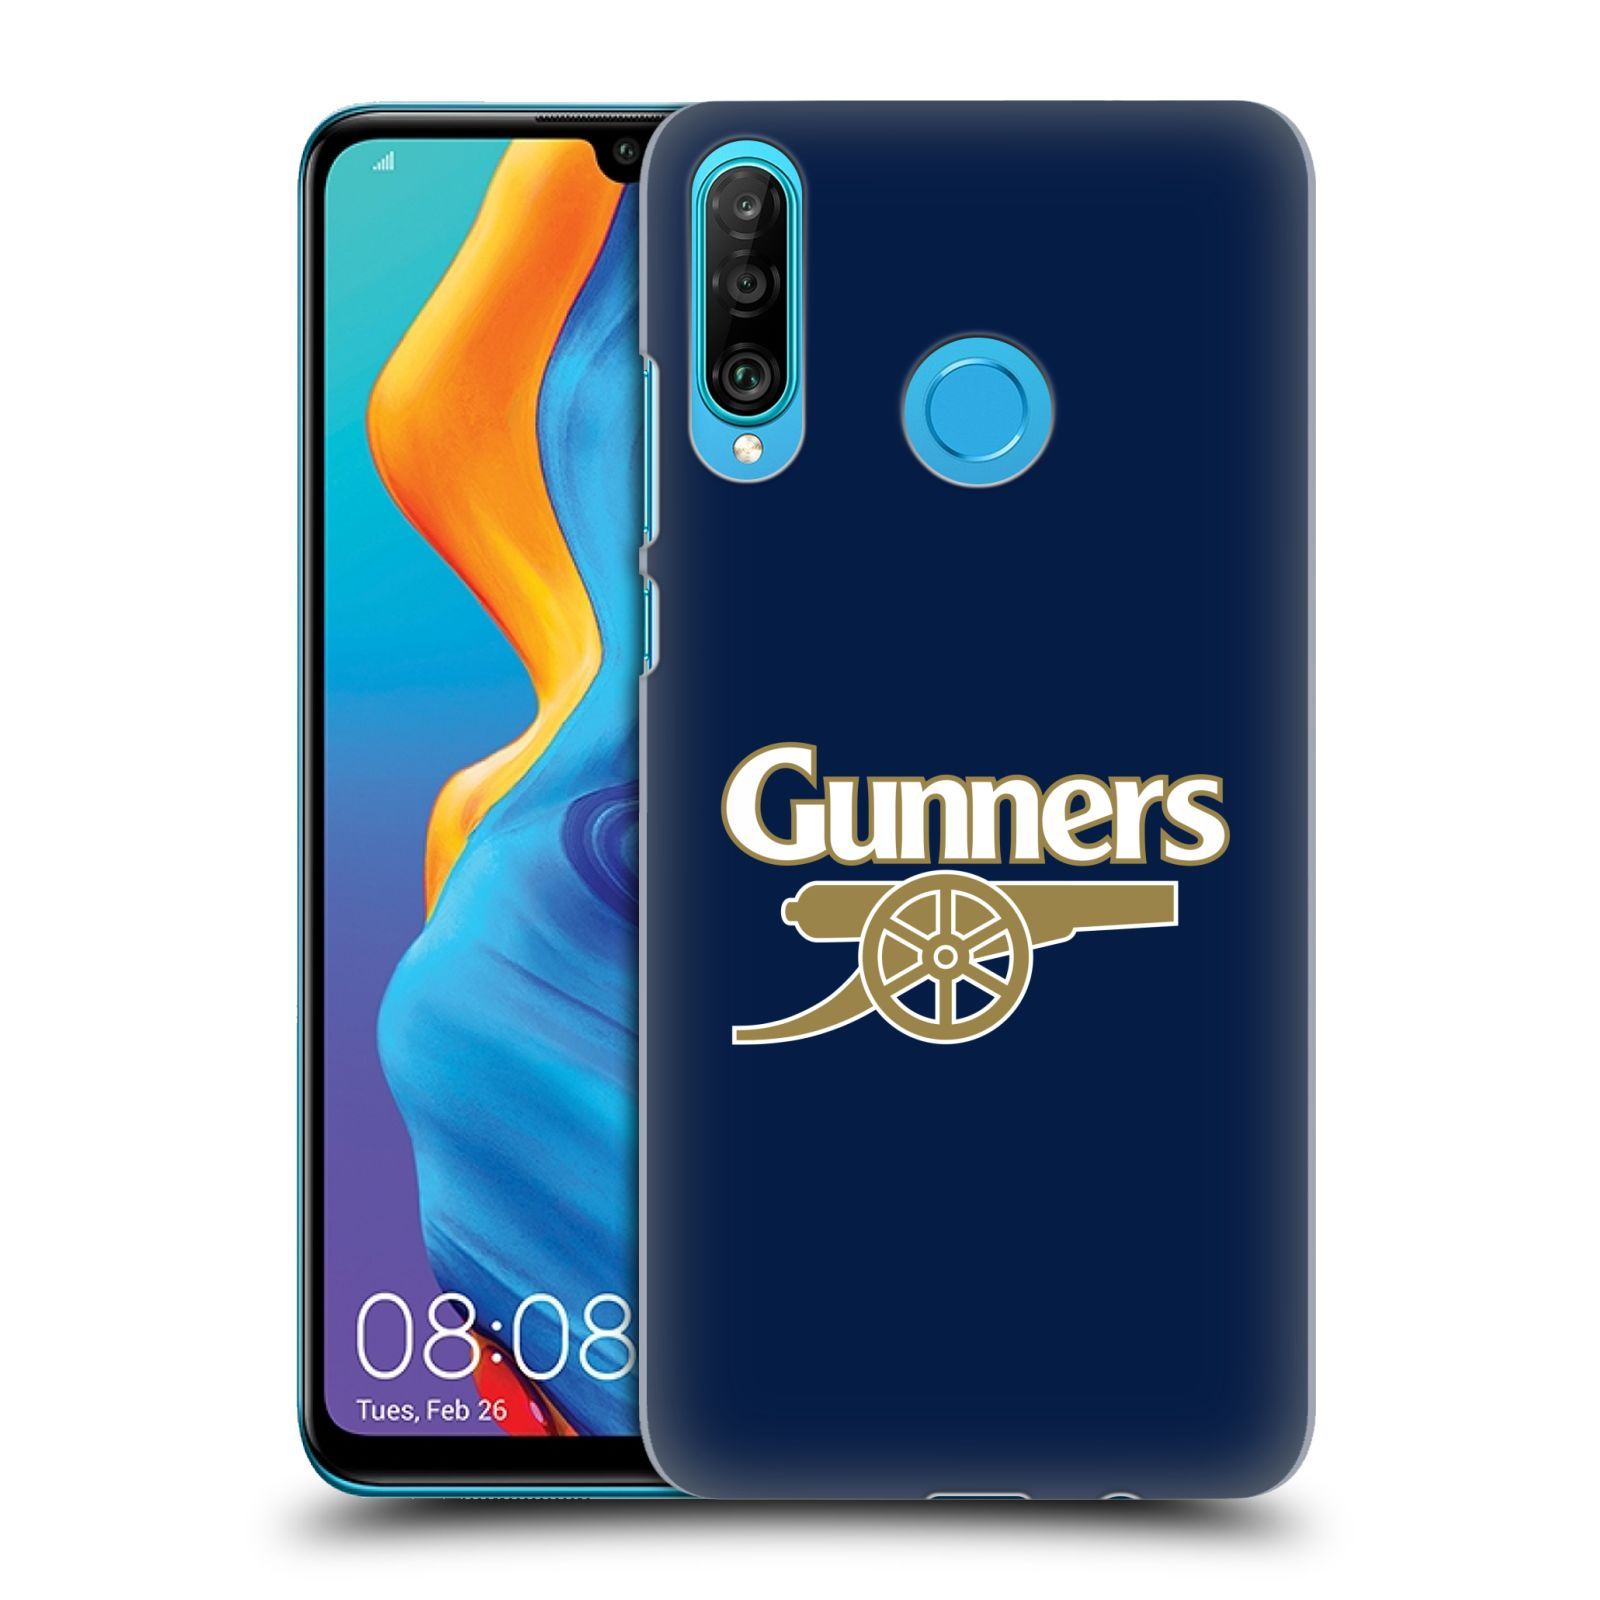 Plastové pouzdro na mobil Huawei P30 Lite - Head Case - Arsenal FC - Gunners